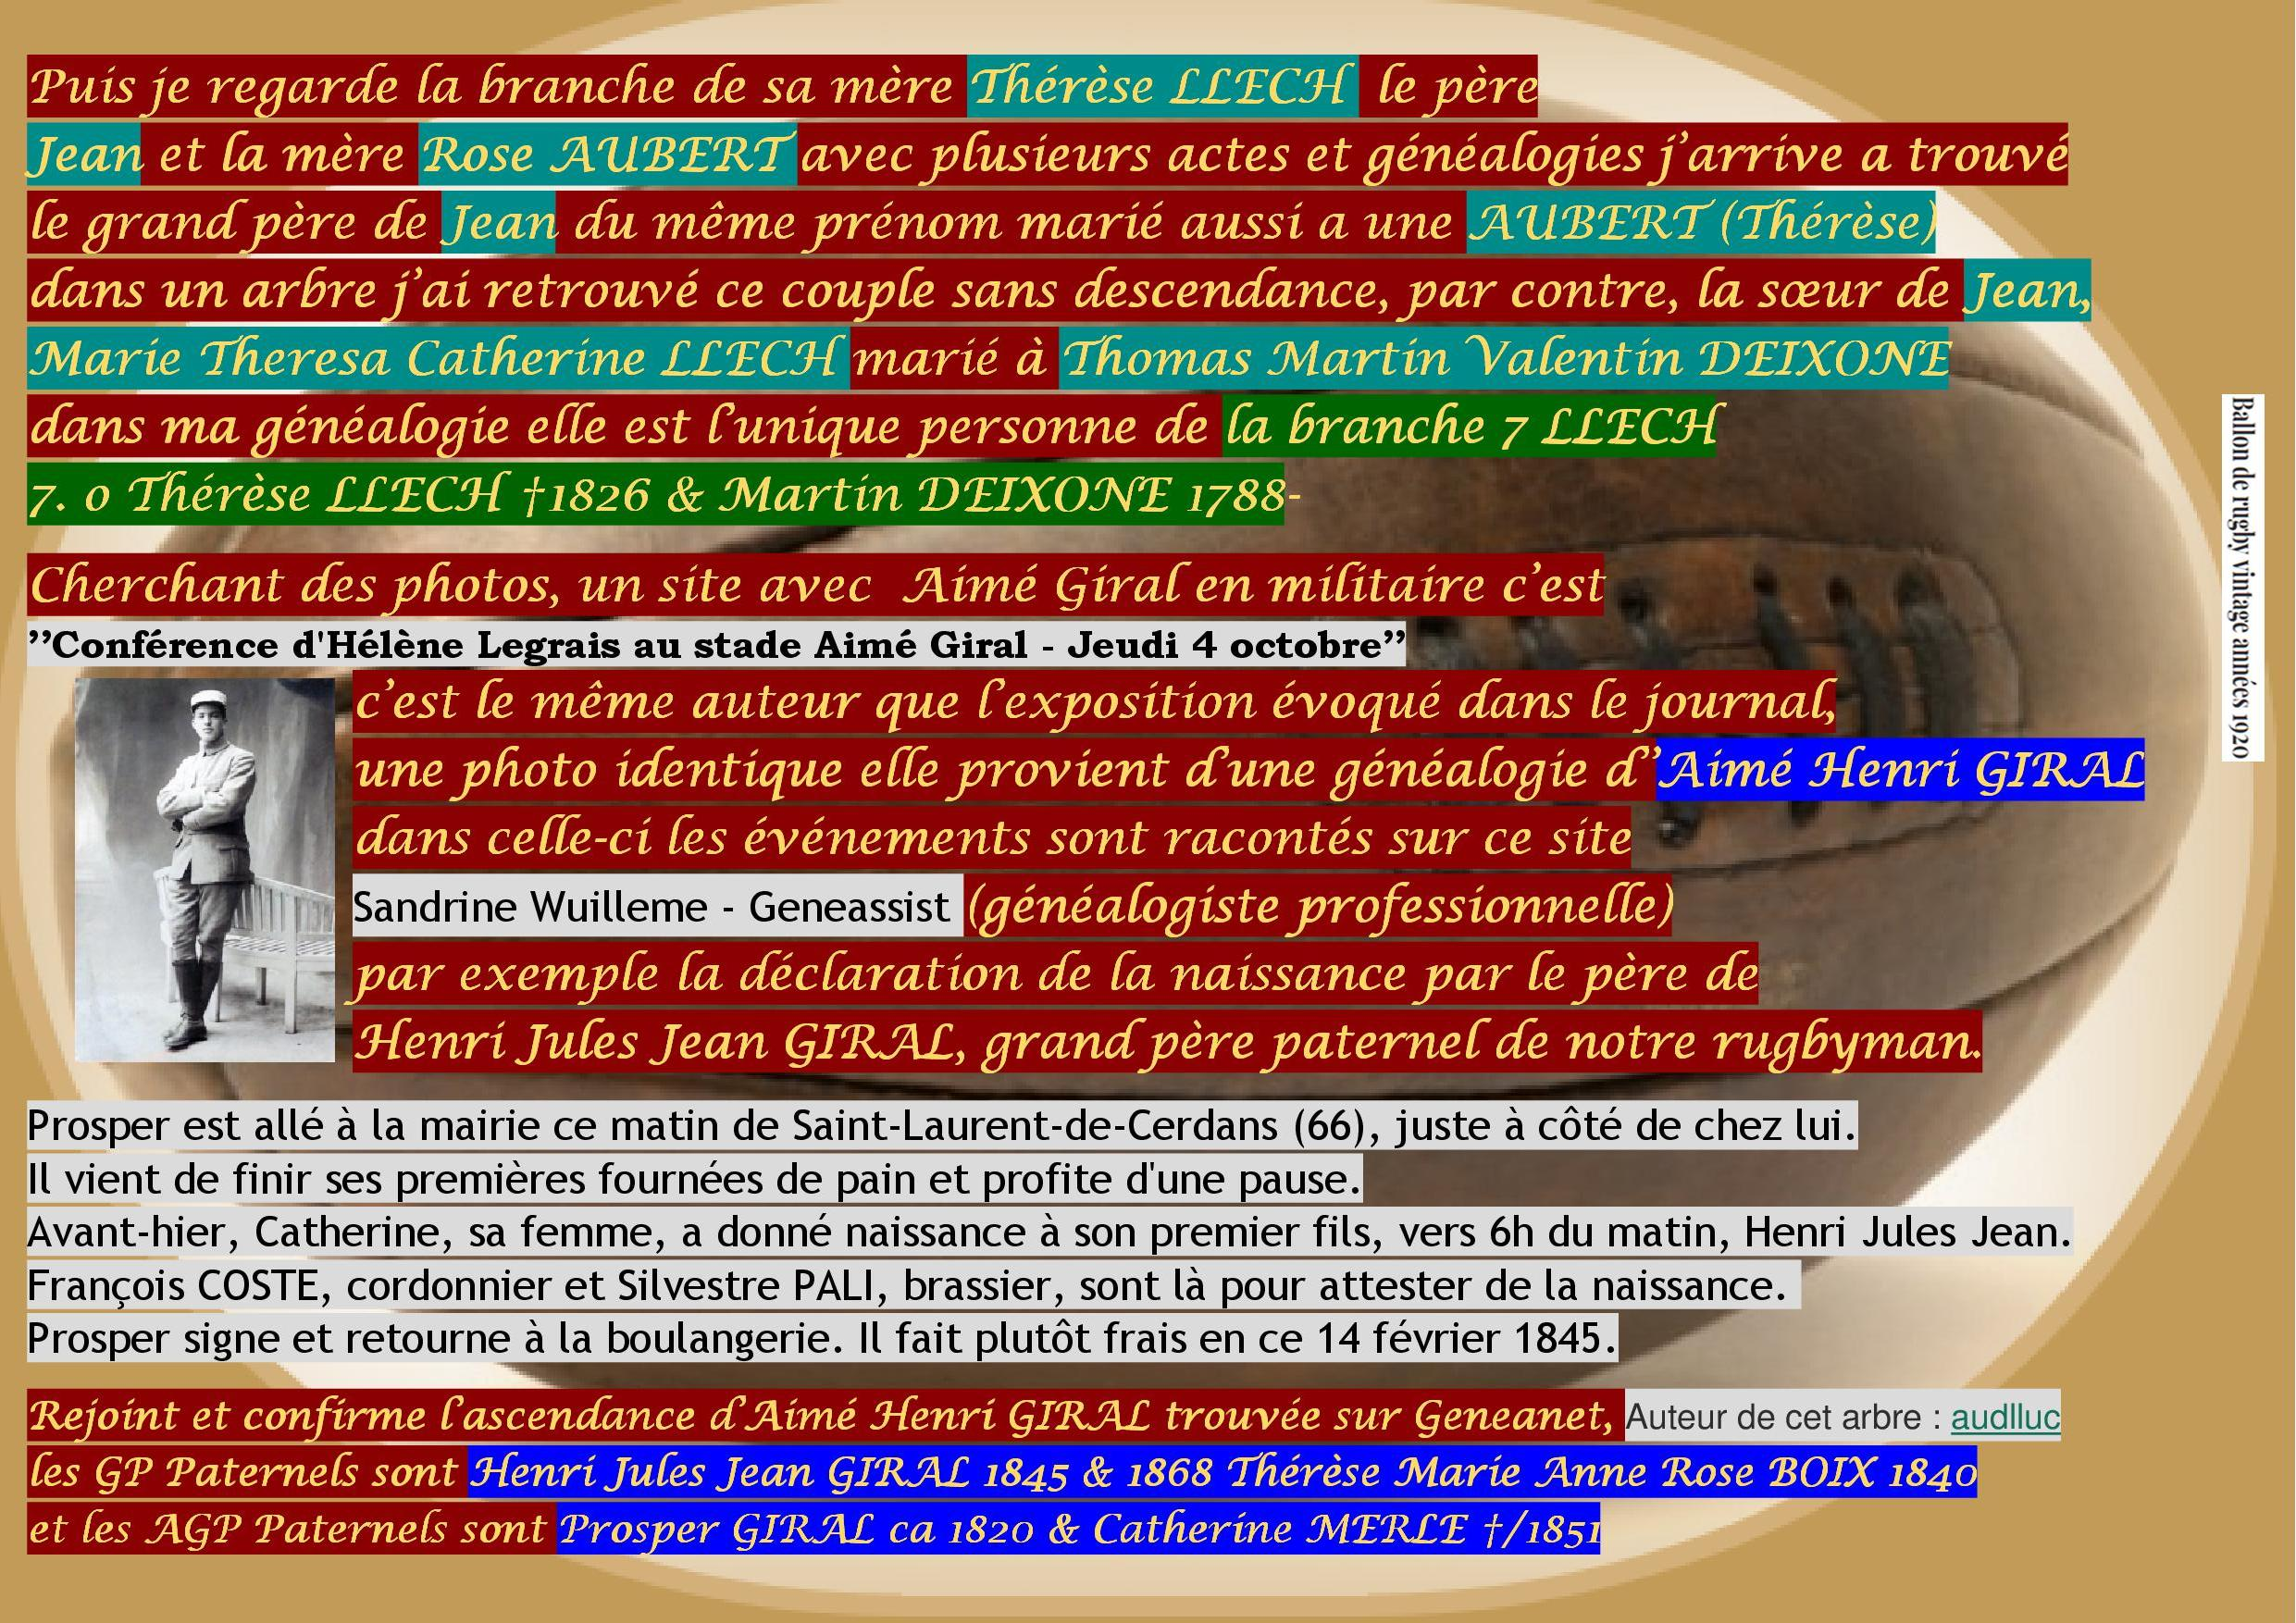 Presentation_de_mes_travaux_genealogiques_du_mois_de_decembre_201817_001.jpg